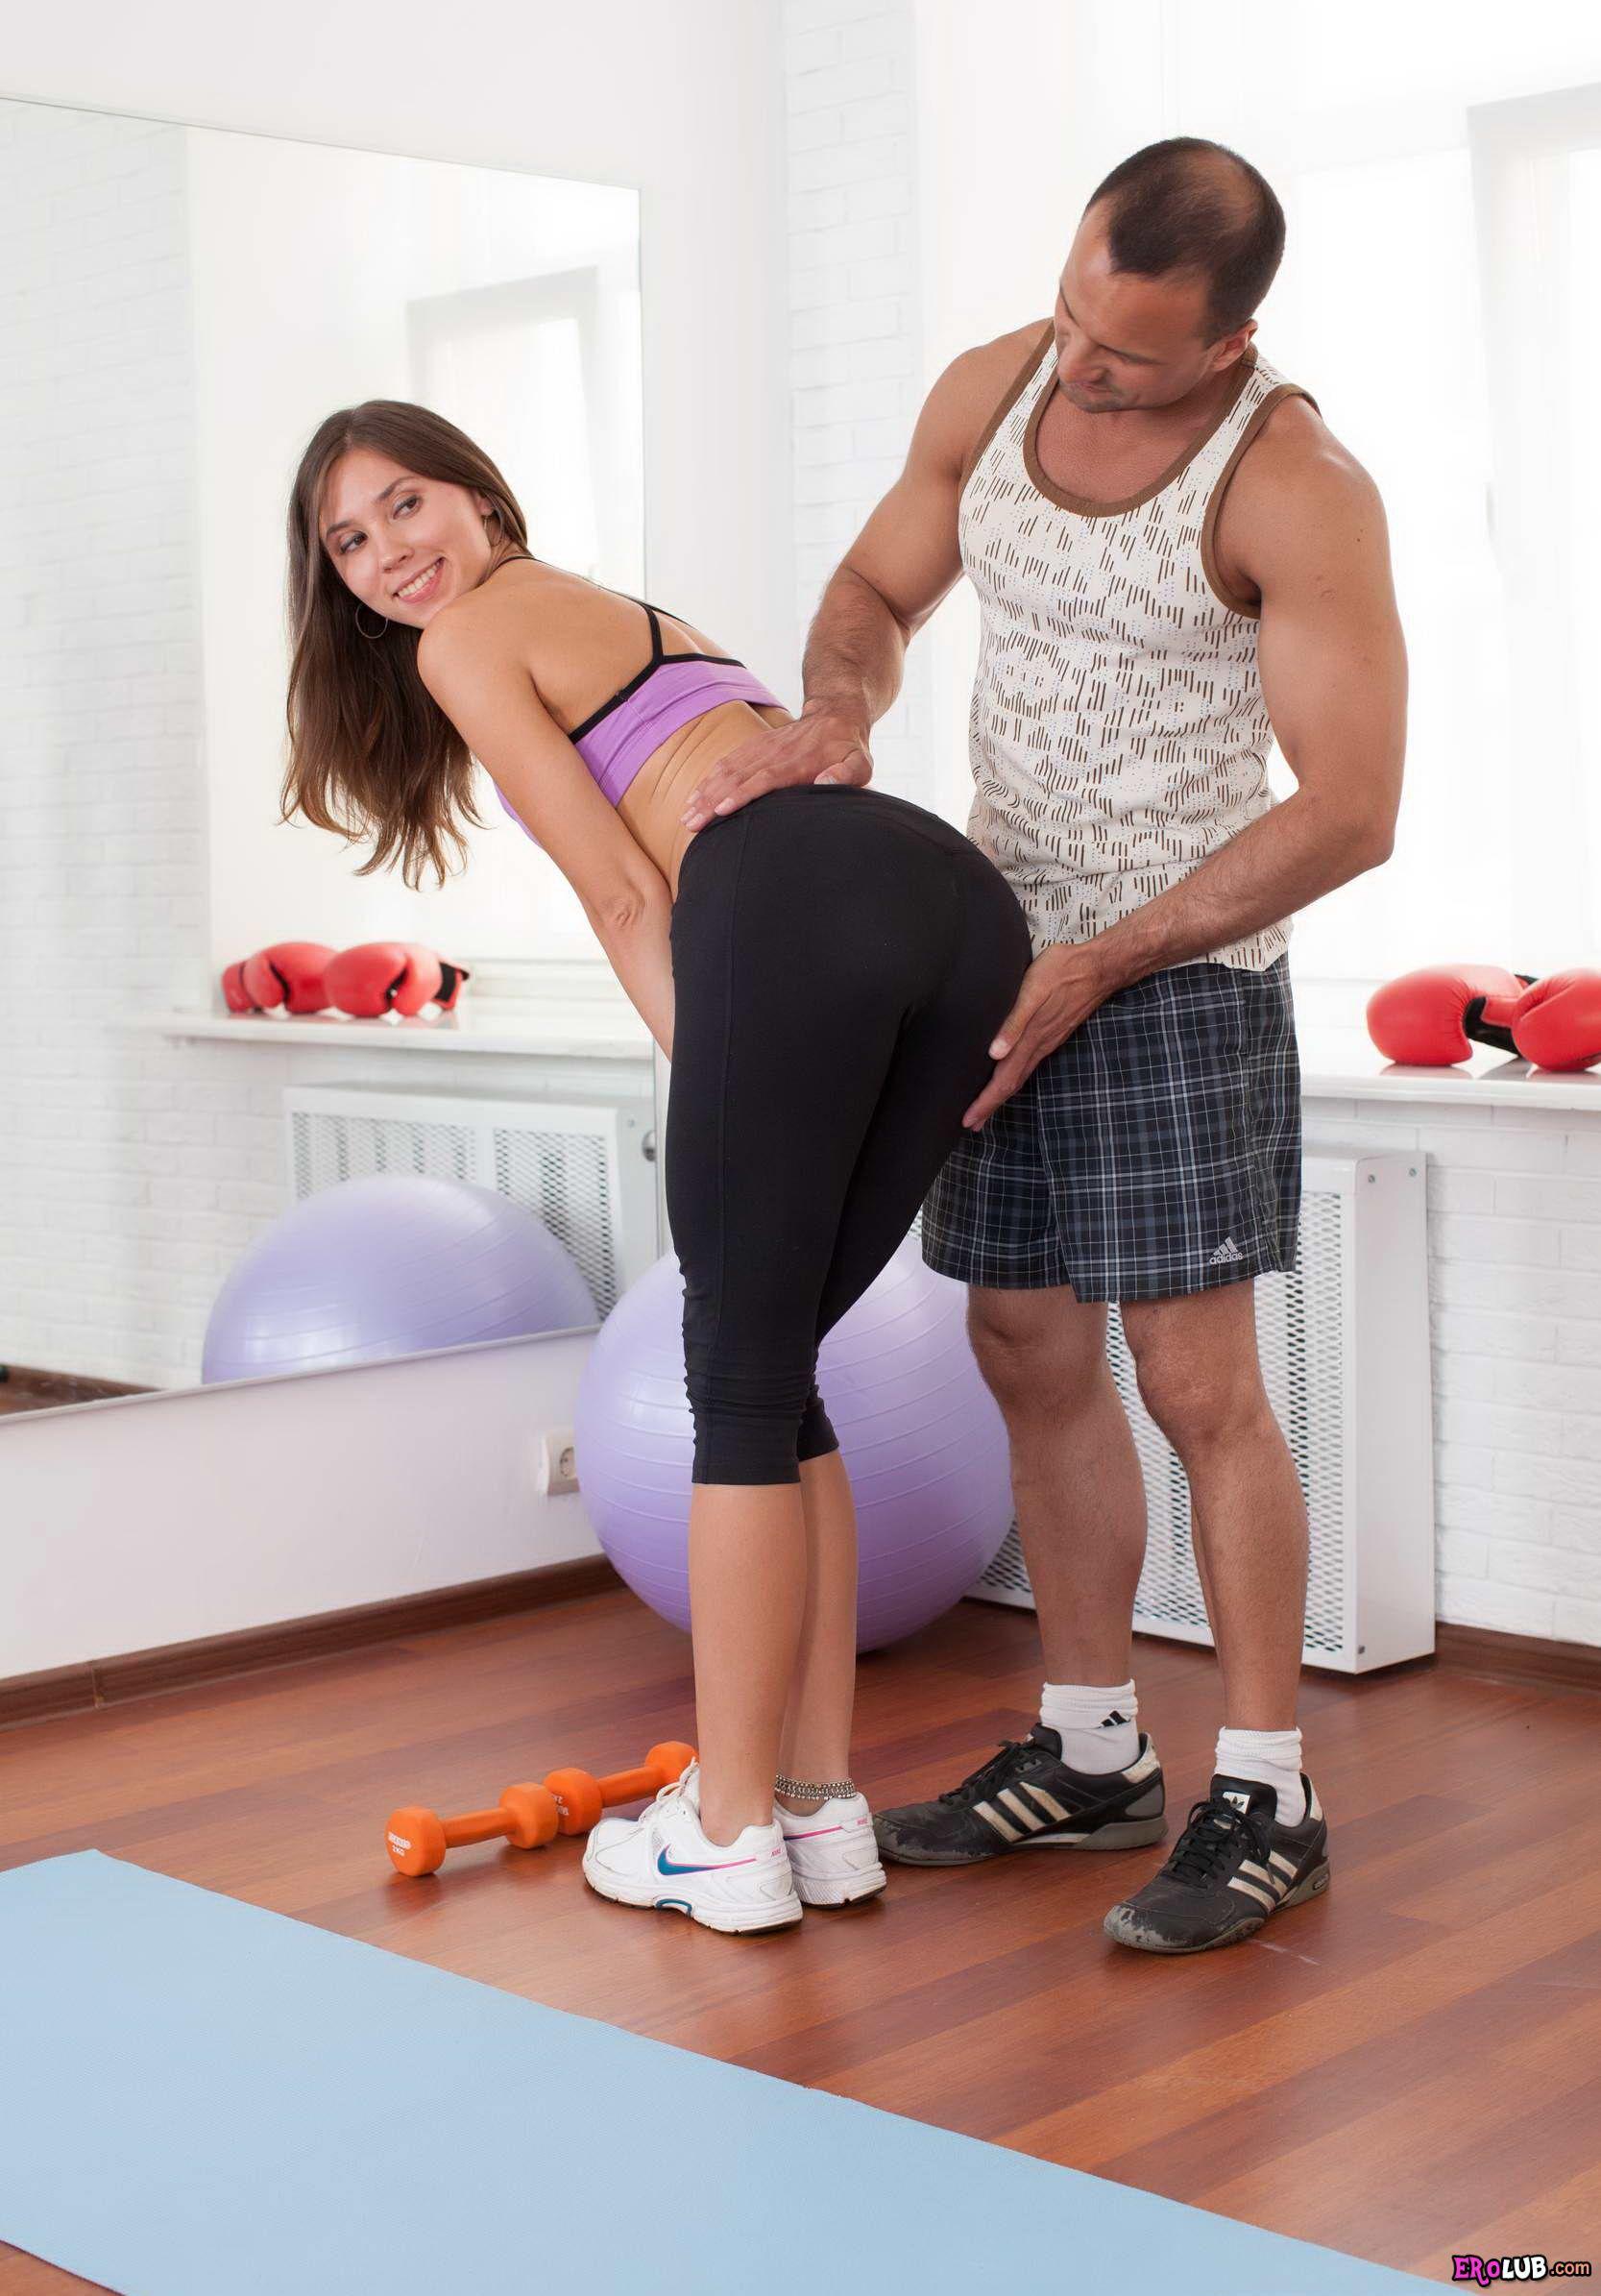 Секс спортзале с тренером